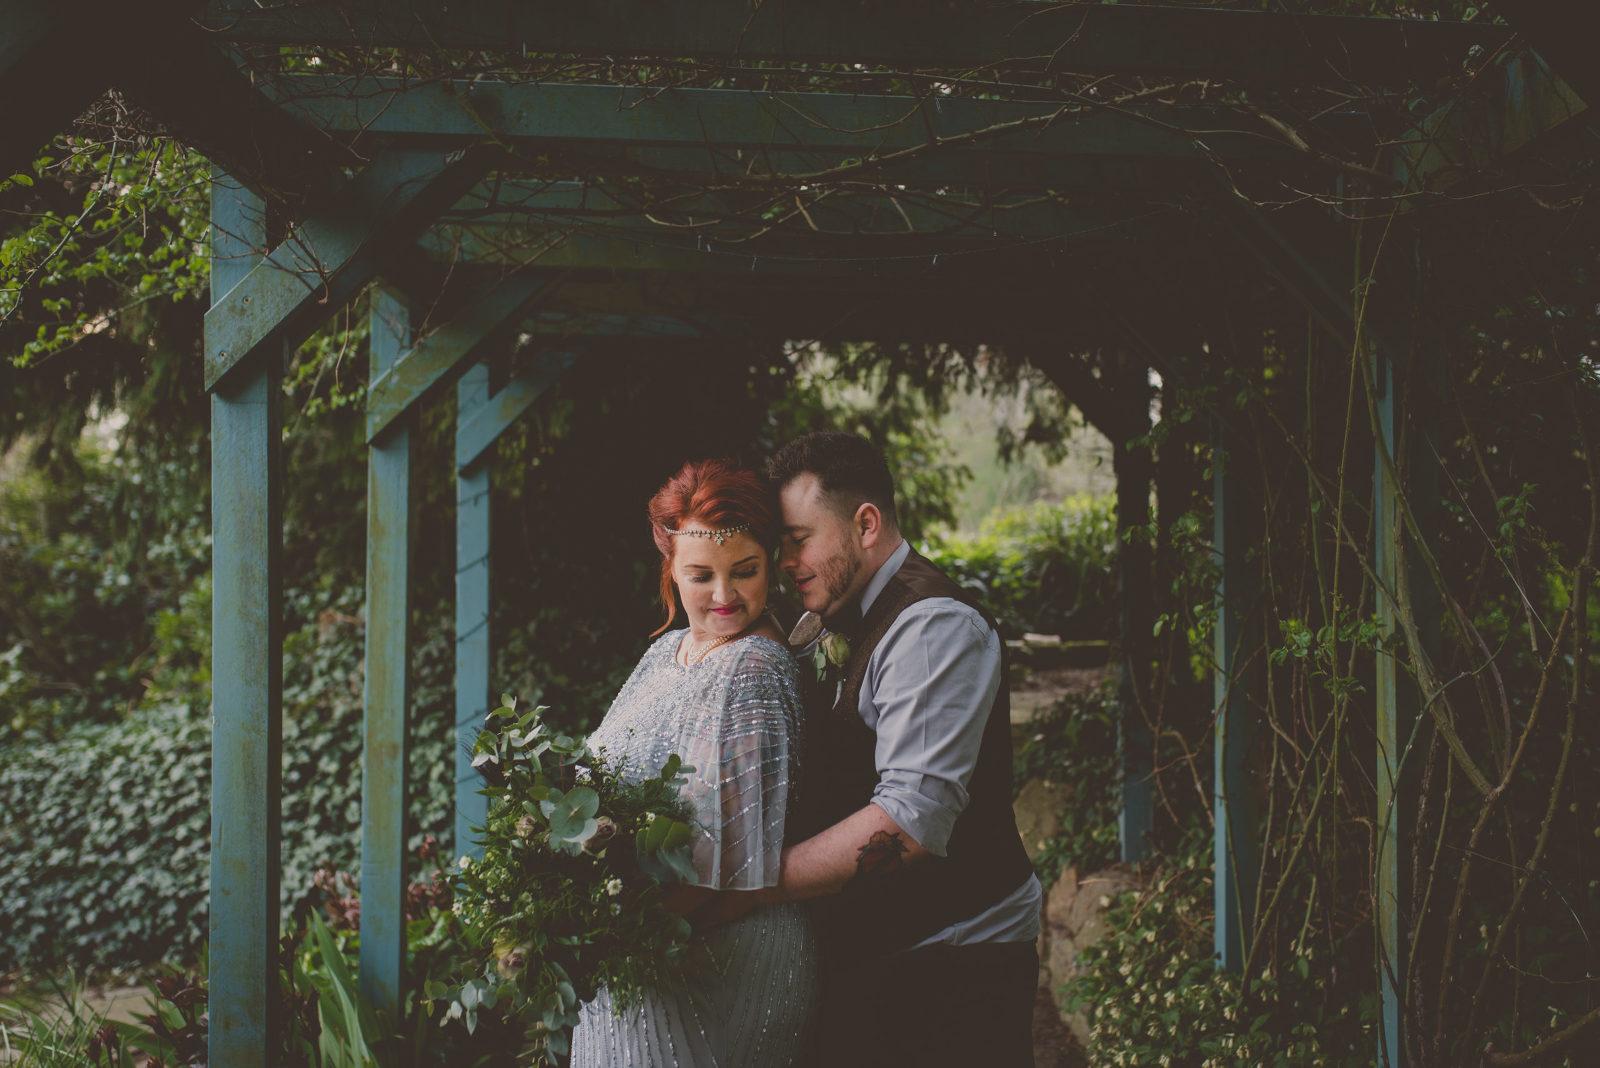 dunwood hall weddings